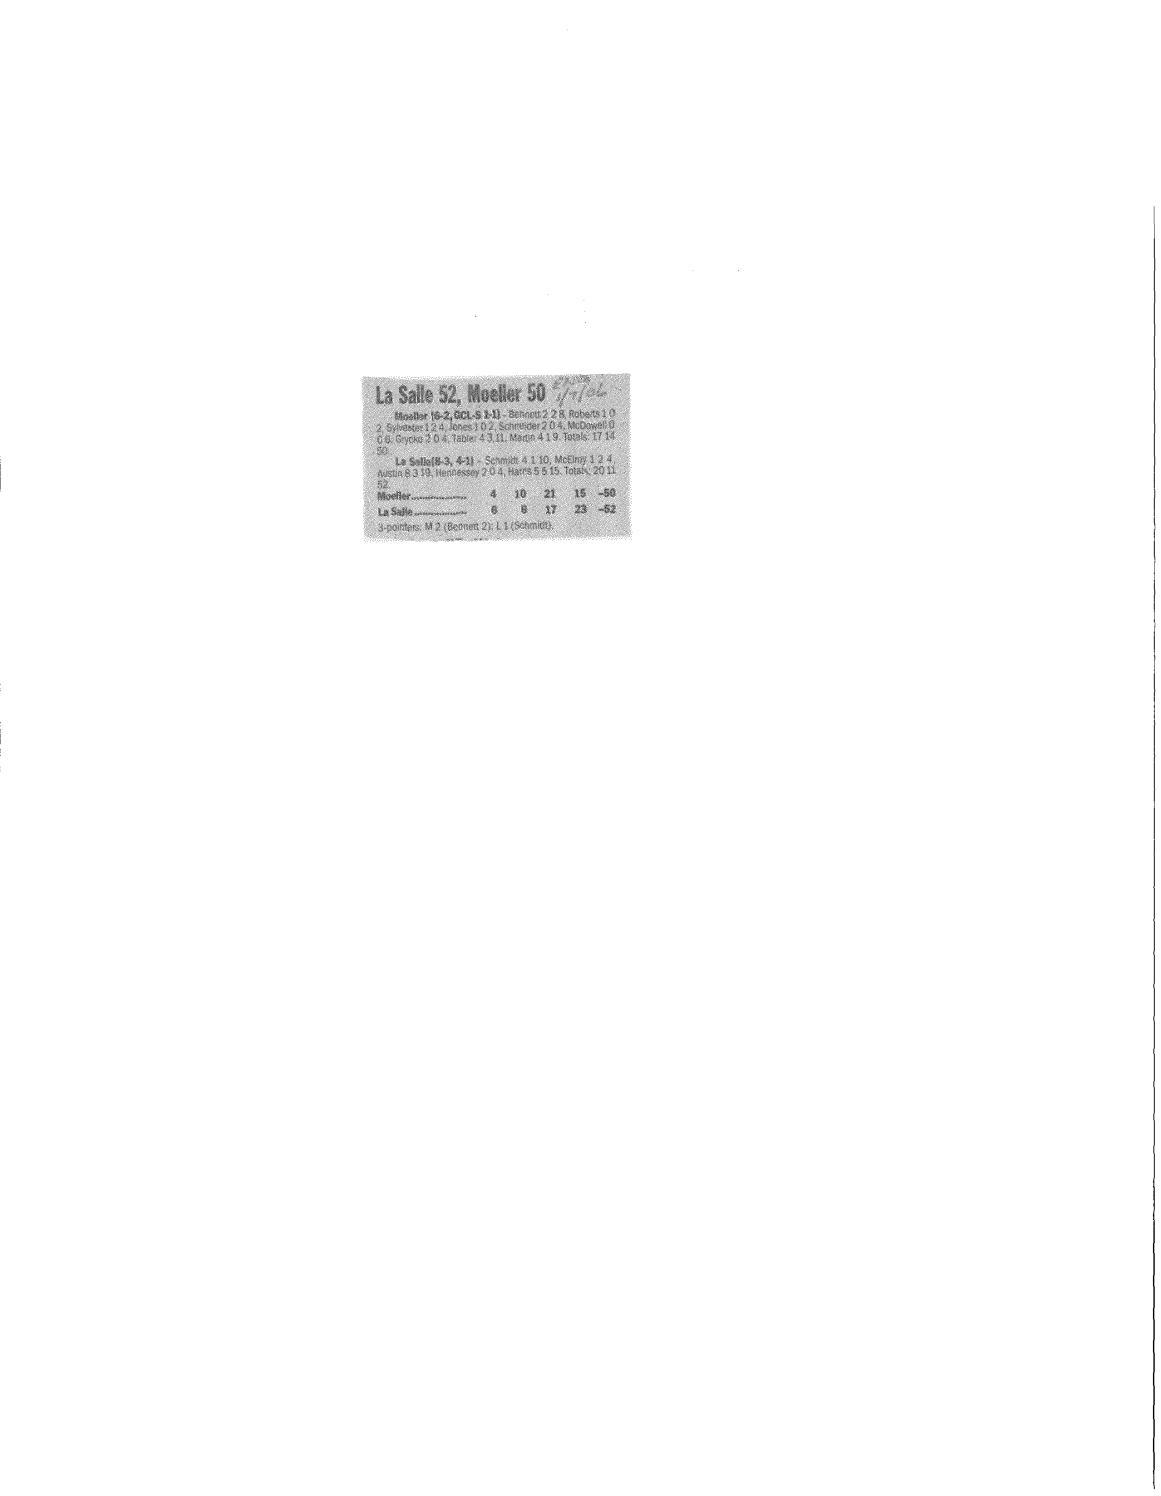 Moeller High School 2005 06 Basketball Articles By Archbishop Moeller High  School   Issuu